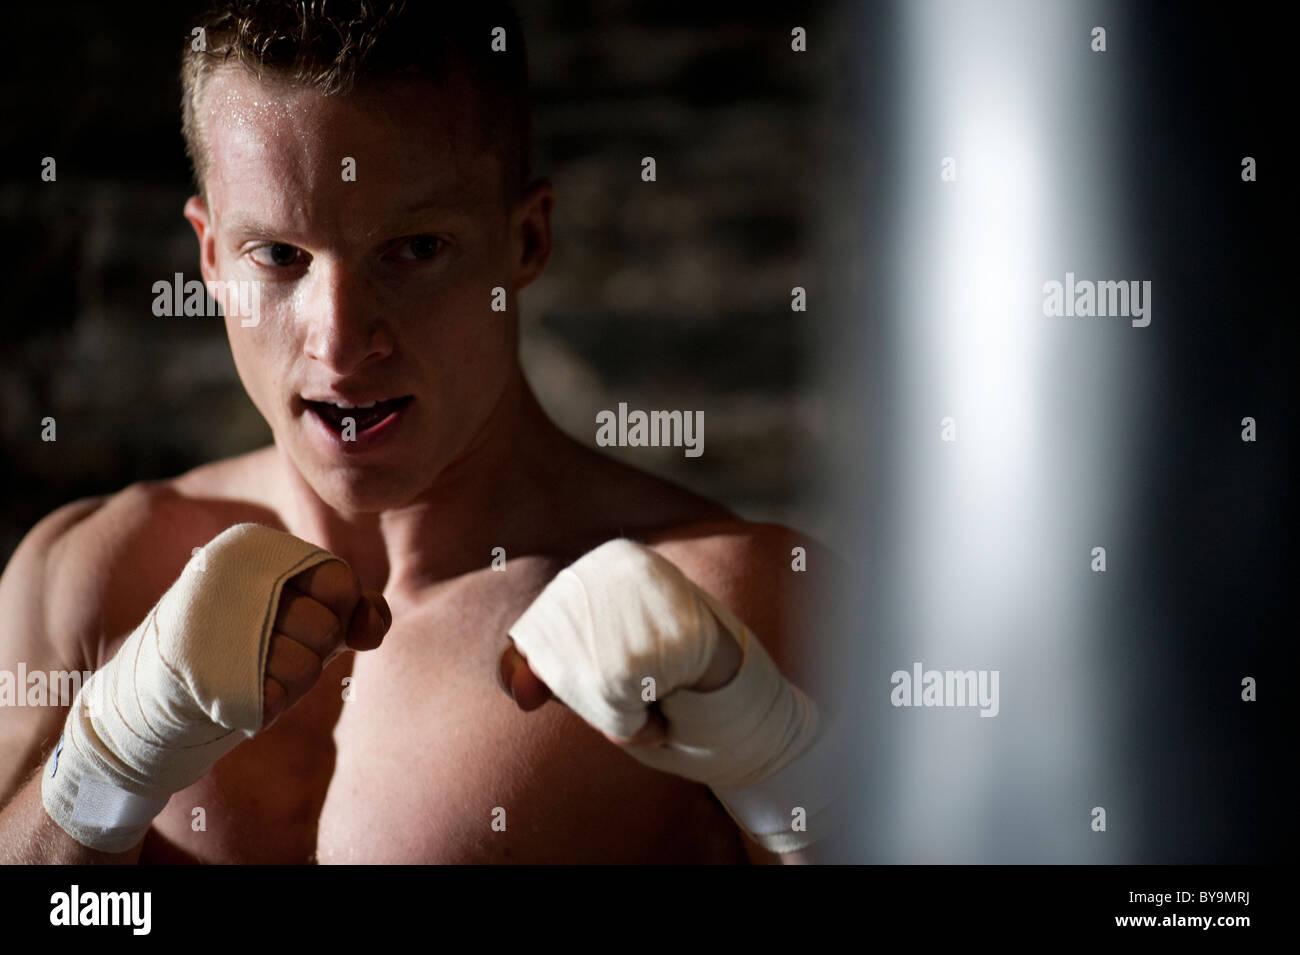 Une bonne forme physique à l'aide d'exercices de l'homme sac de boxe dans une salle de sport. Photo Stock